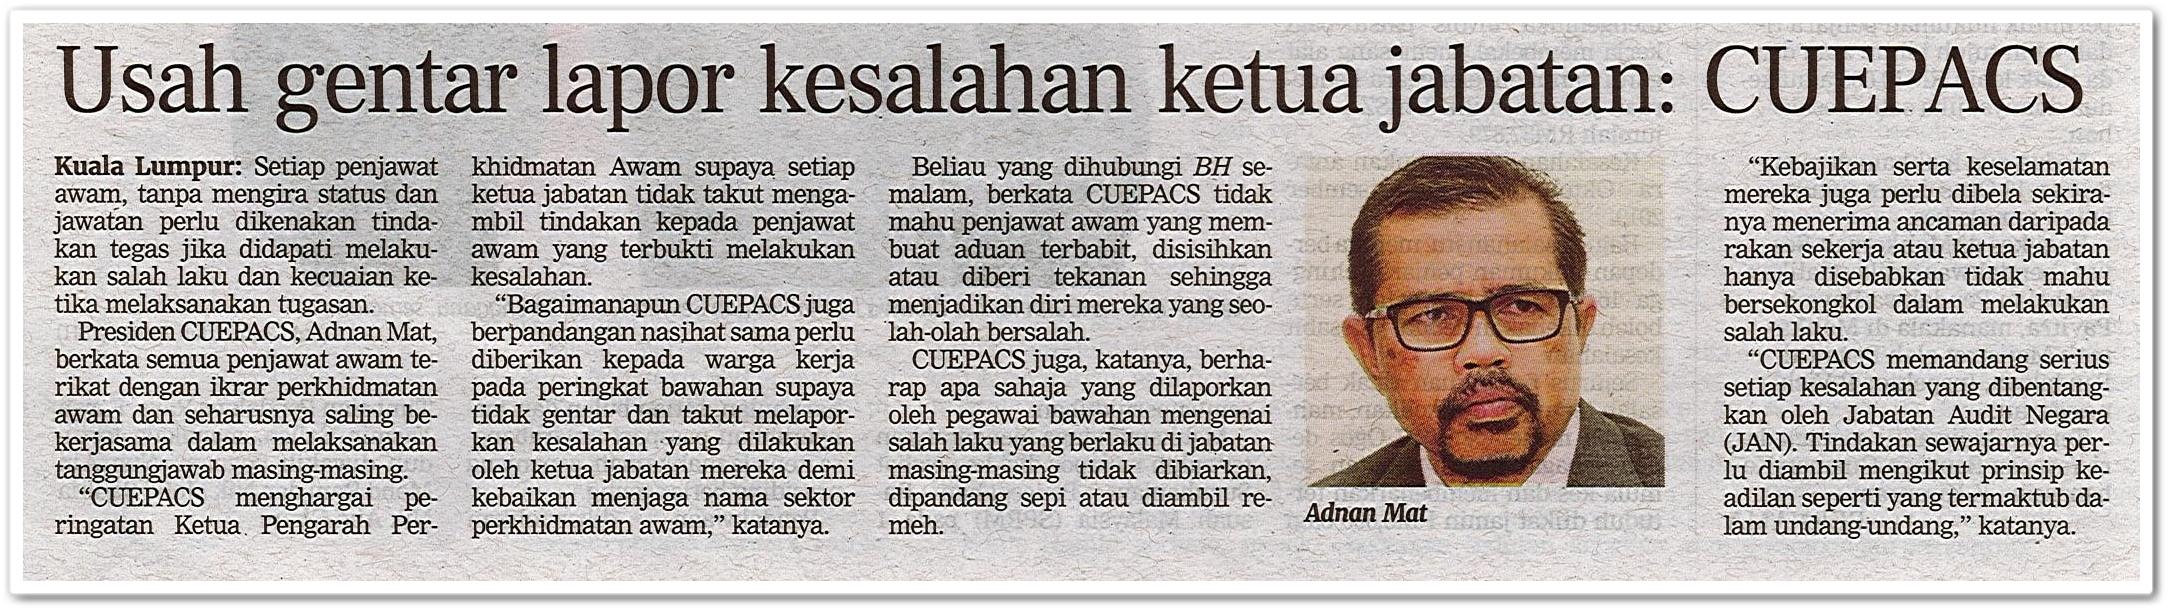 Usah gentar lapor kesalahan ketua Jabatan : CUEPACS - Keratan akhbar Berita Harian 20 Julai 2020